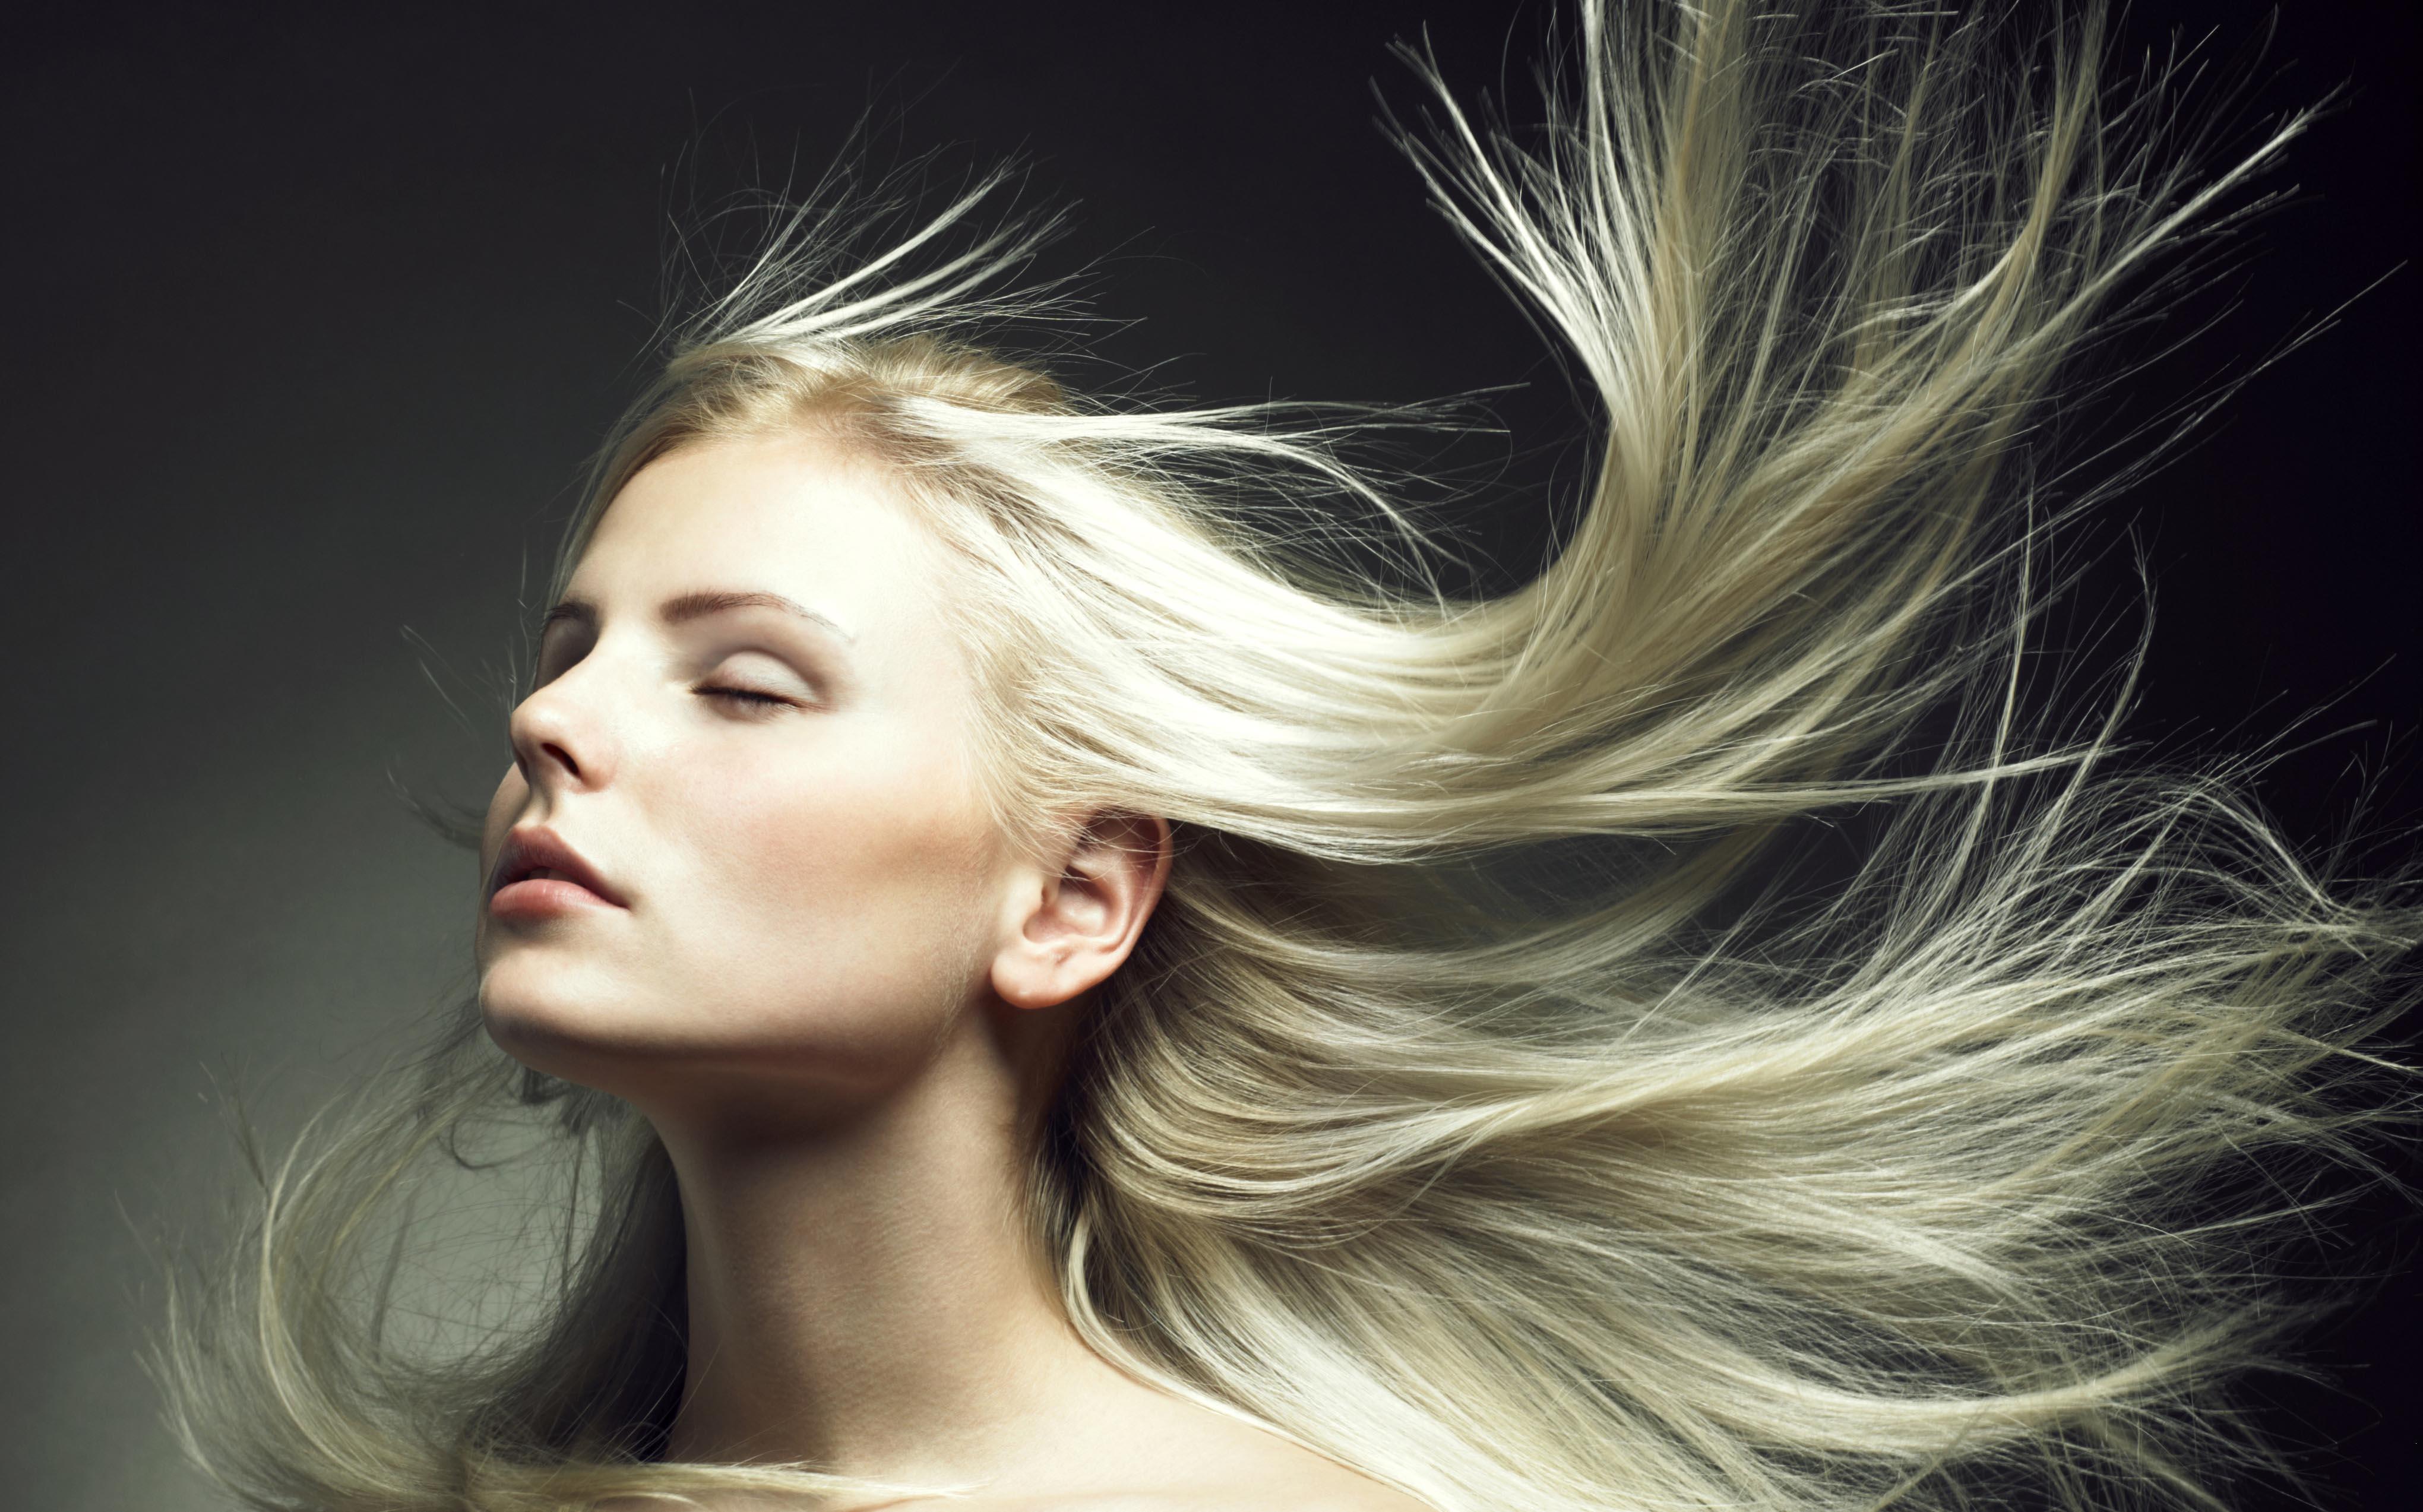 crescrita-capelli-zephir-parrucchieri-ascona